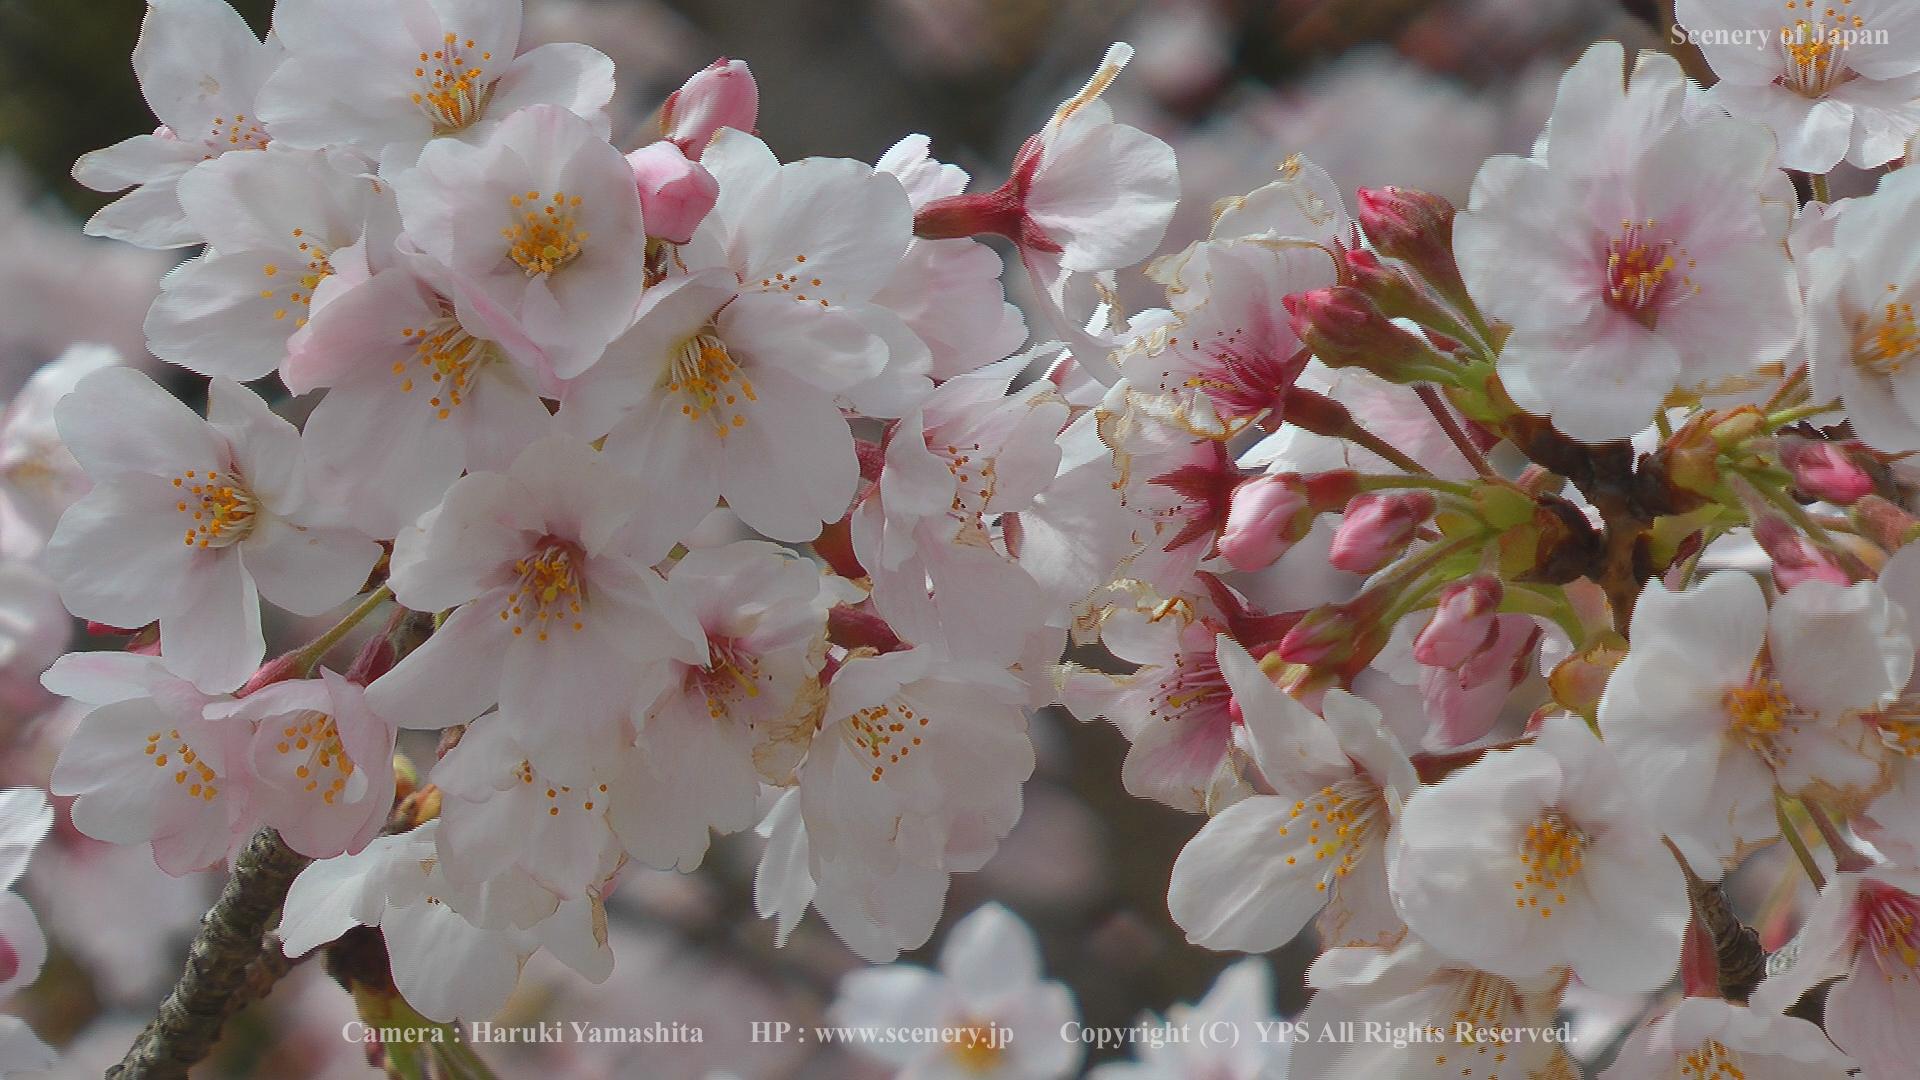 春の壁紙 画像 無料ダウンロード Scenery Of Japan